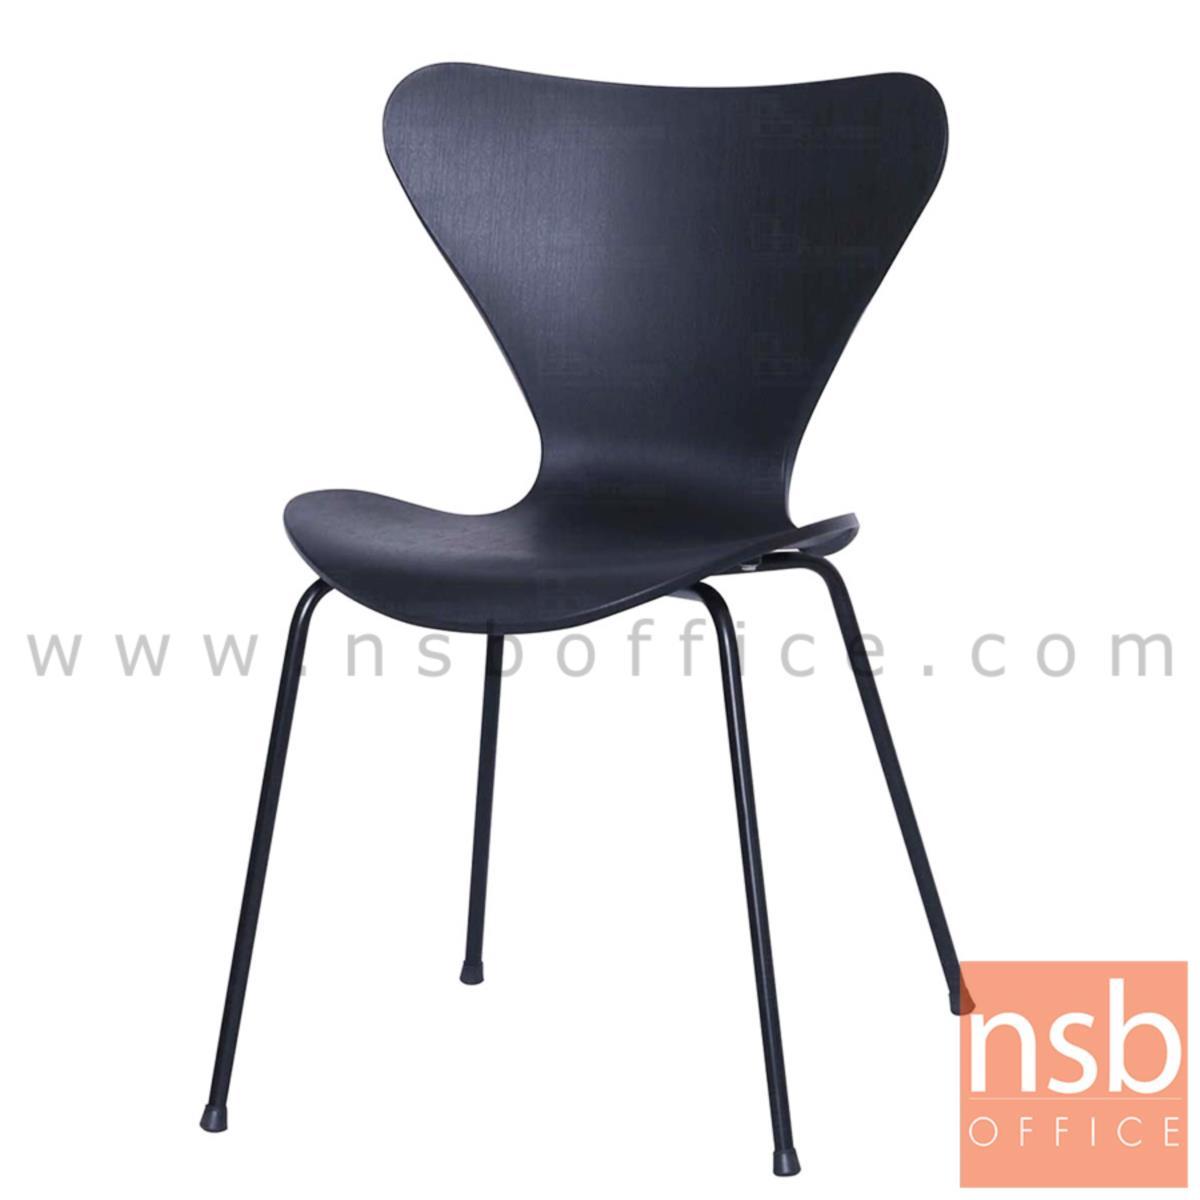 B20A110:เก้าอี้โมเดิร์นเฟรมโพลี่ รุ่น Ghana (กาน่า)  โครงขาเหล็ก